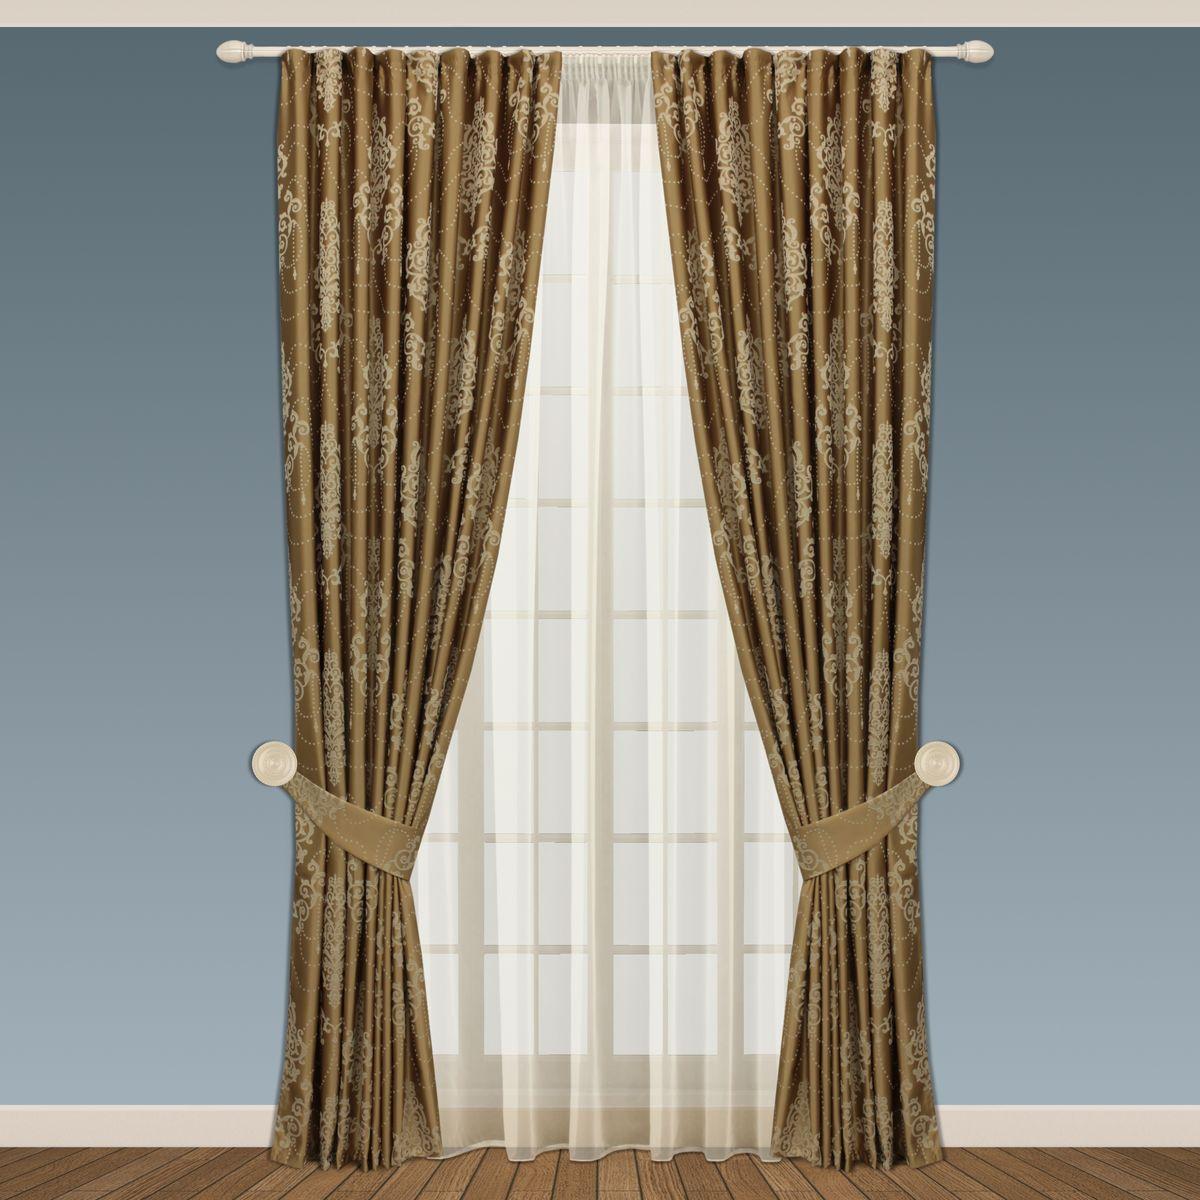 Комплект штор Sanpa Home Collection Стефани, на ленте, цвет: золотистый, высота 280 смКШСТЕФАНИ, золотистый шторы, , 200*280см -2шт + подхваты